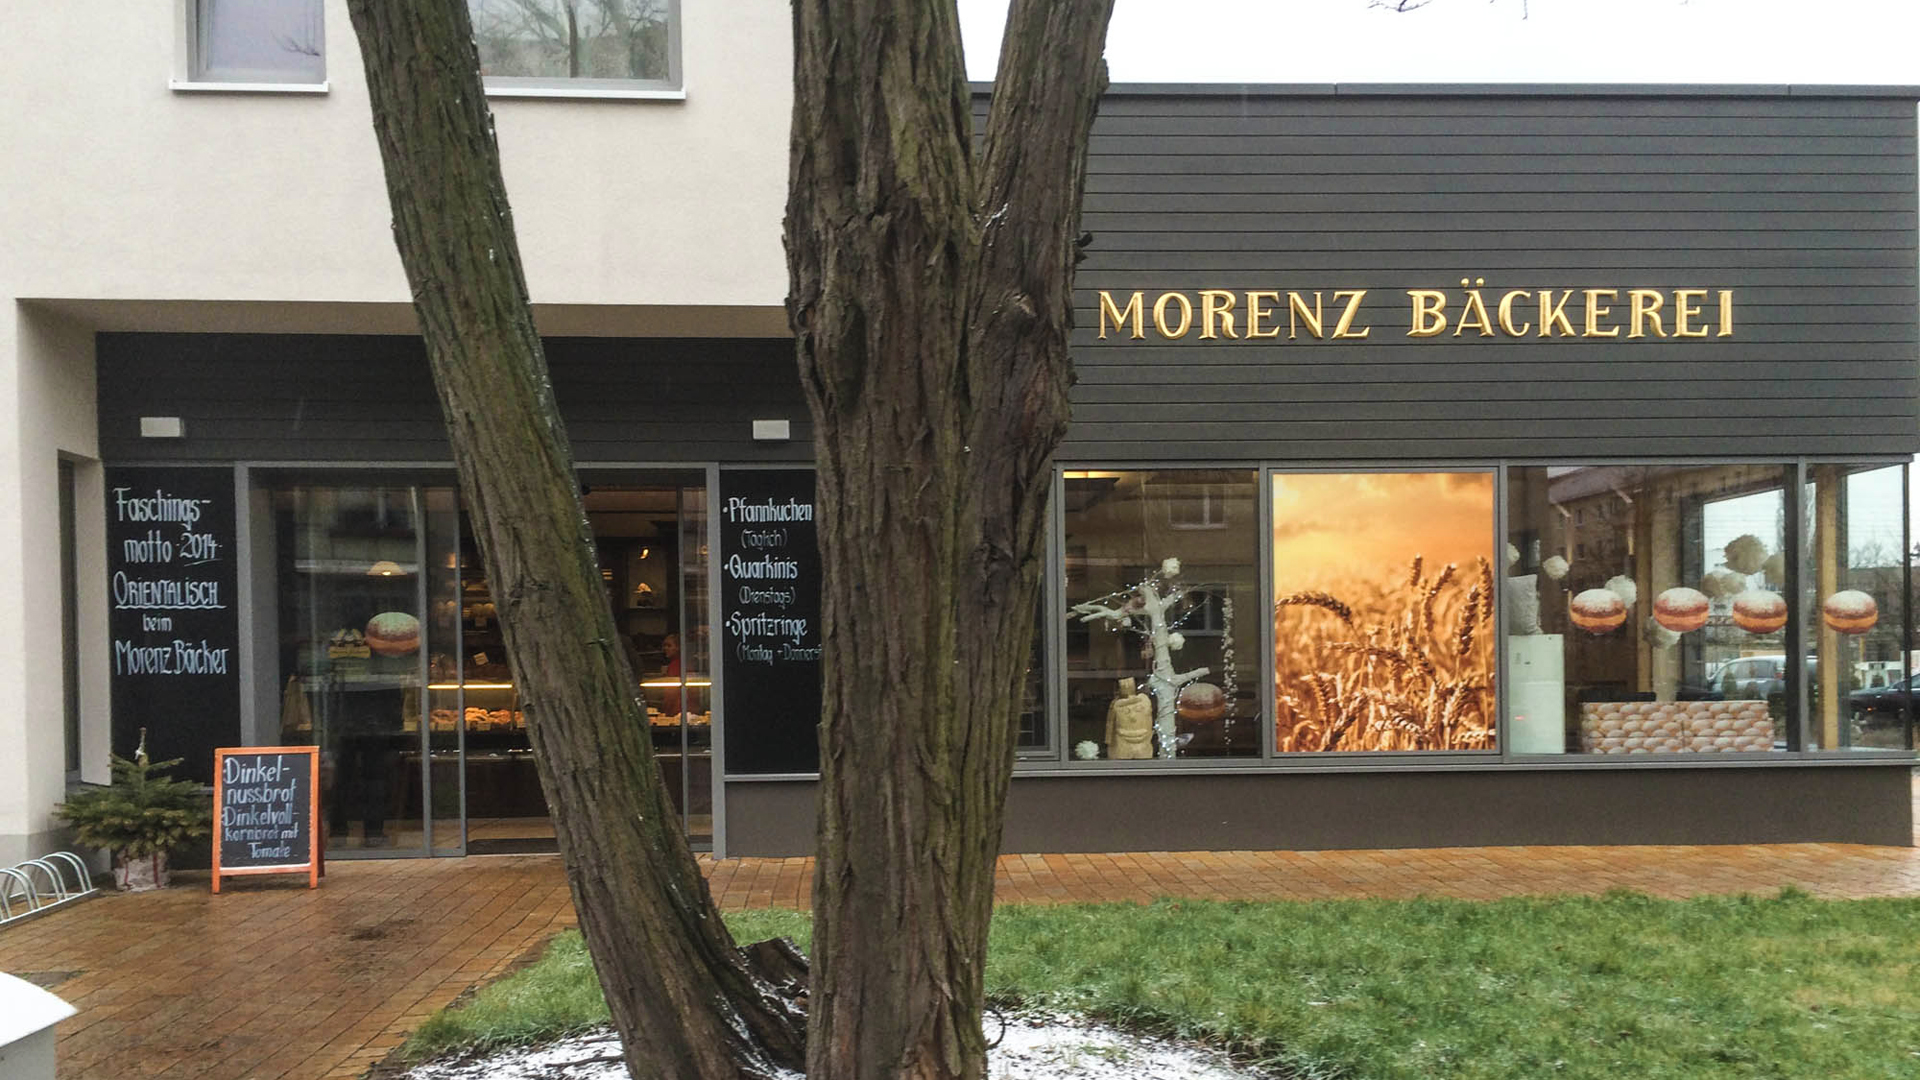 Morenz Bäckerei